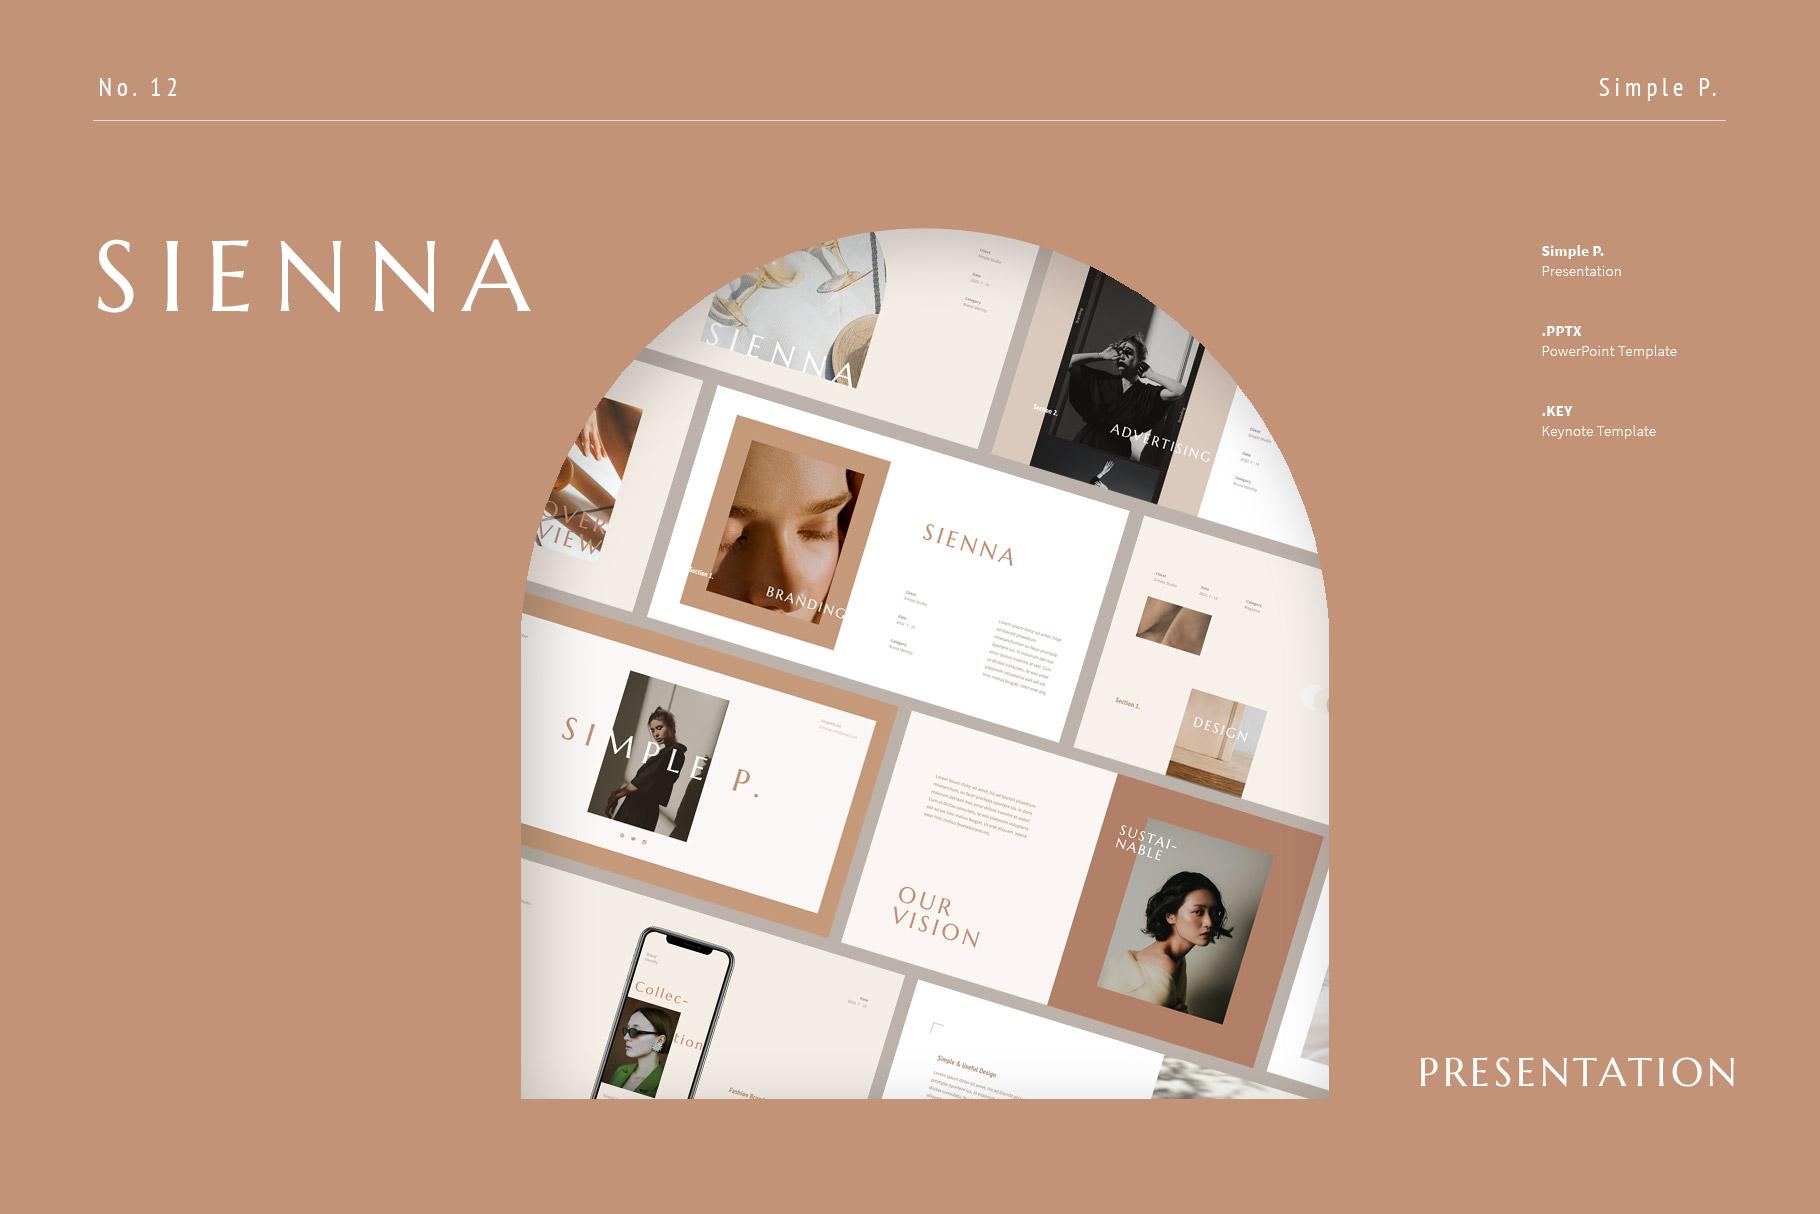 Sienna Presentation Template